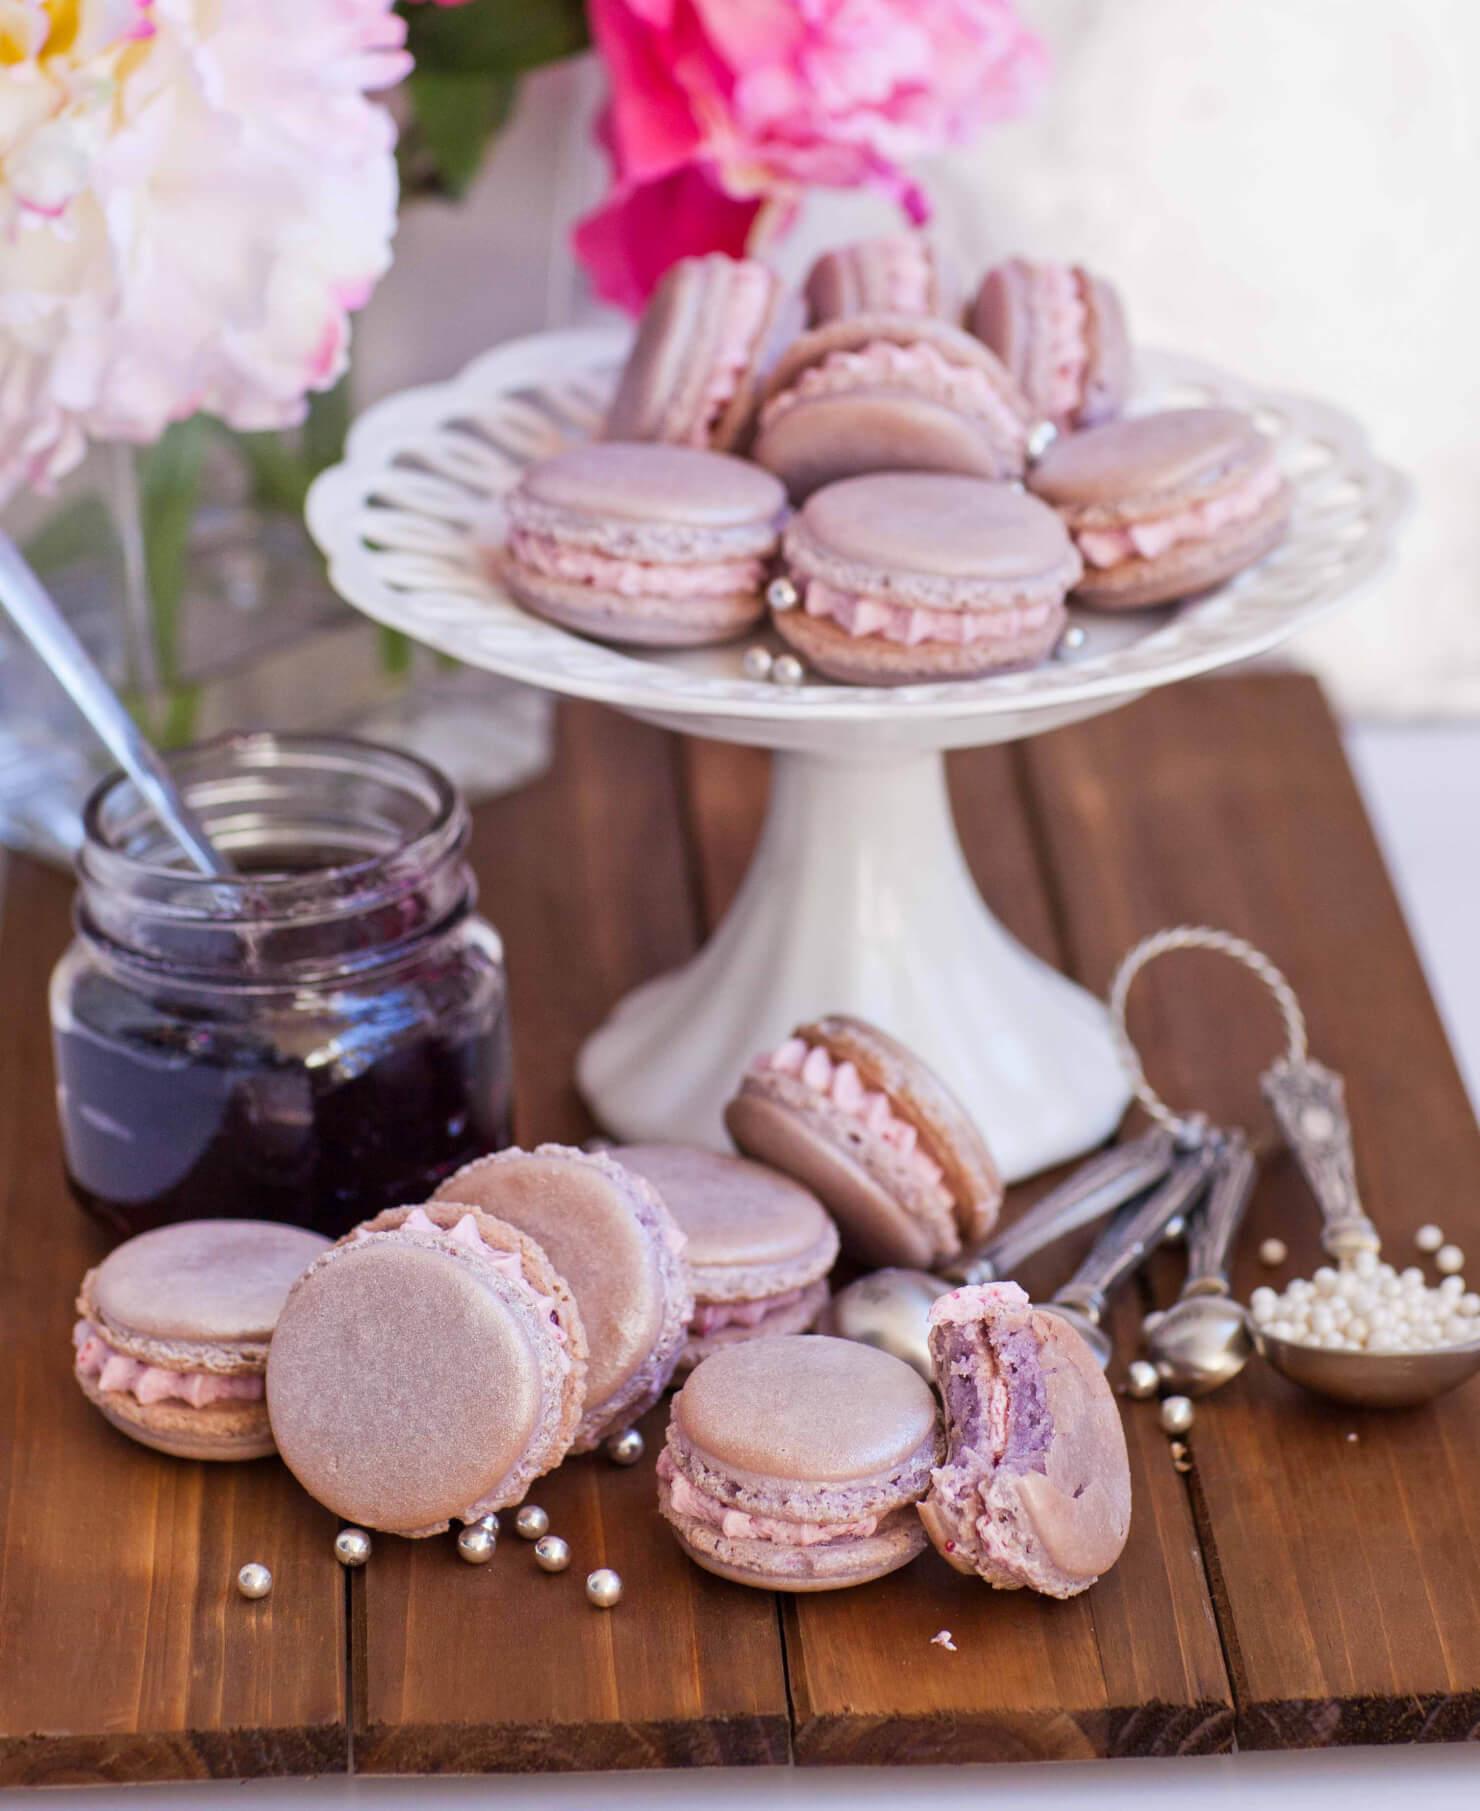 grape macarons on cake stand